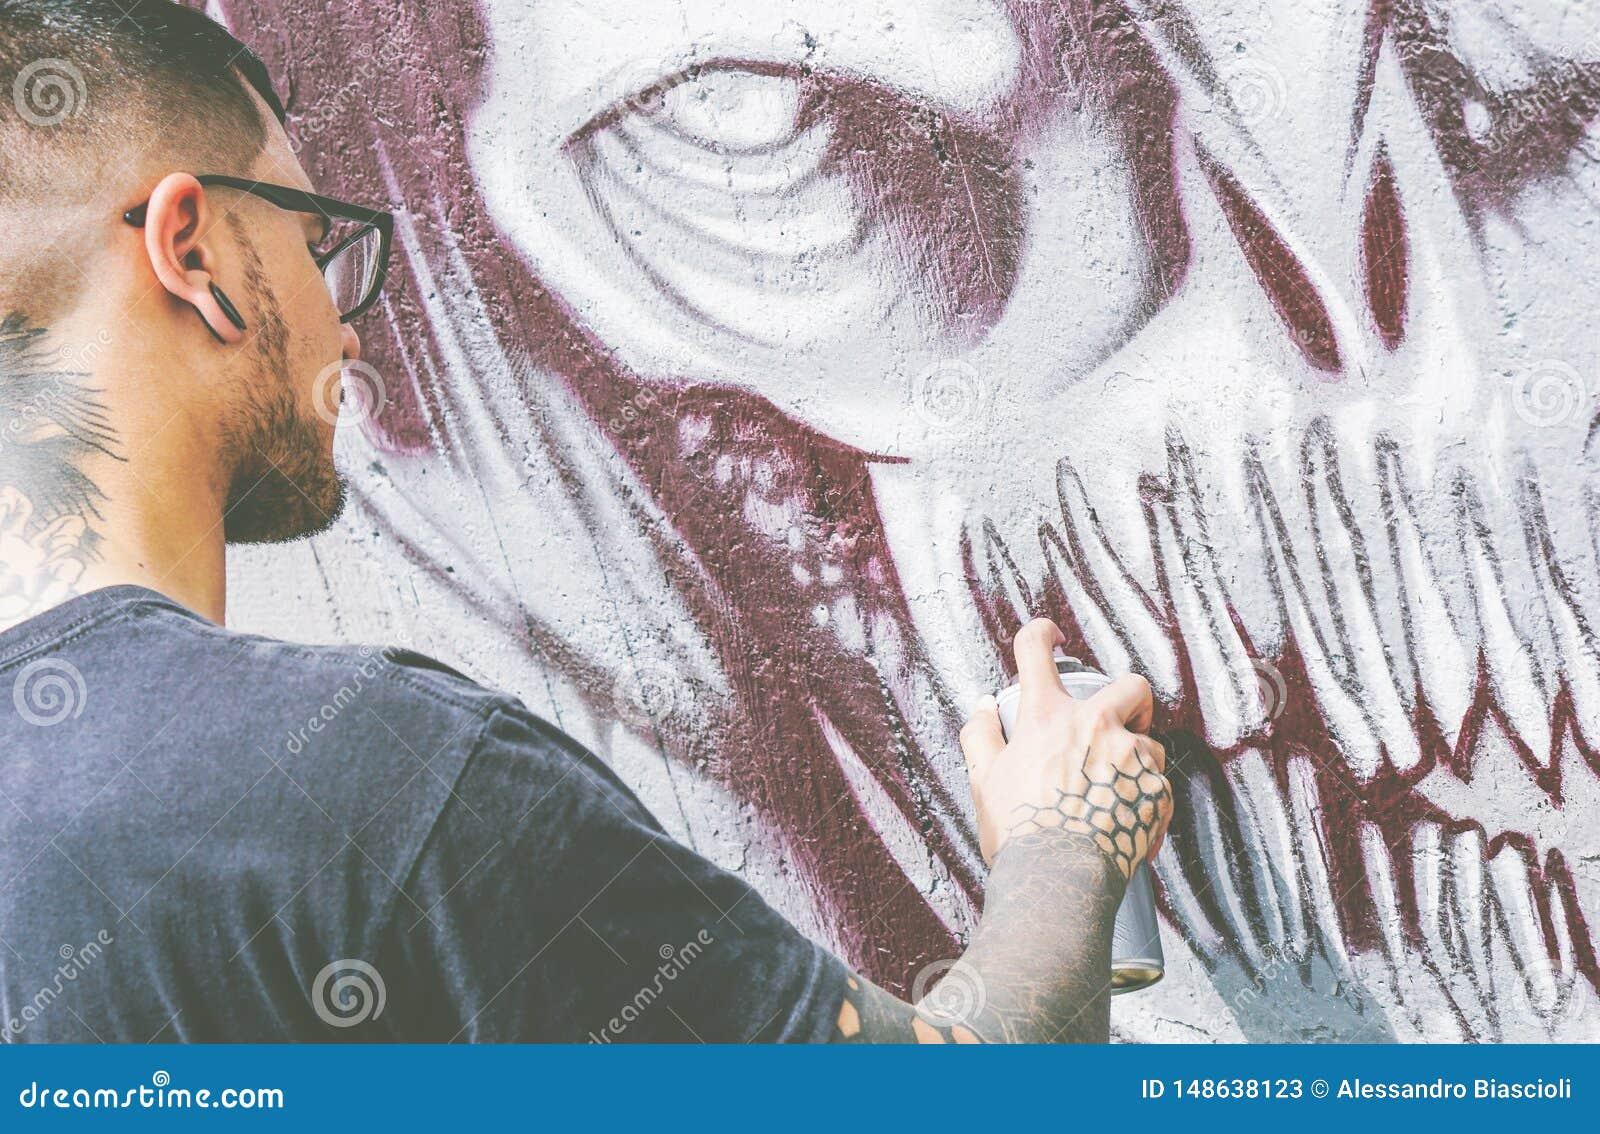 街道街道画与颜色的艺术家绘画喷洒在都市的墙壁上的一张黑暗的妖怪头骨街道画-,生活方式街道艺术概念